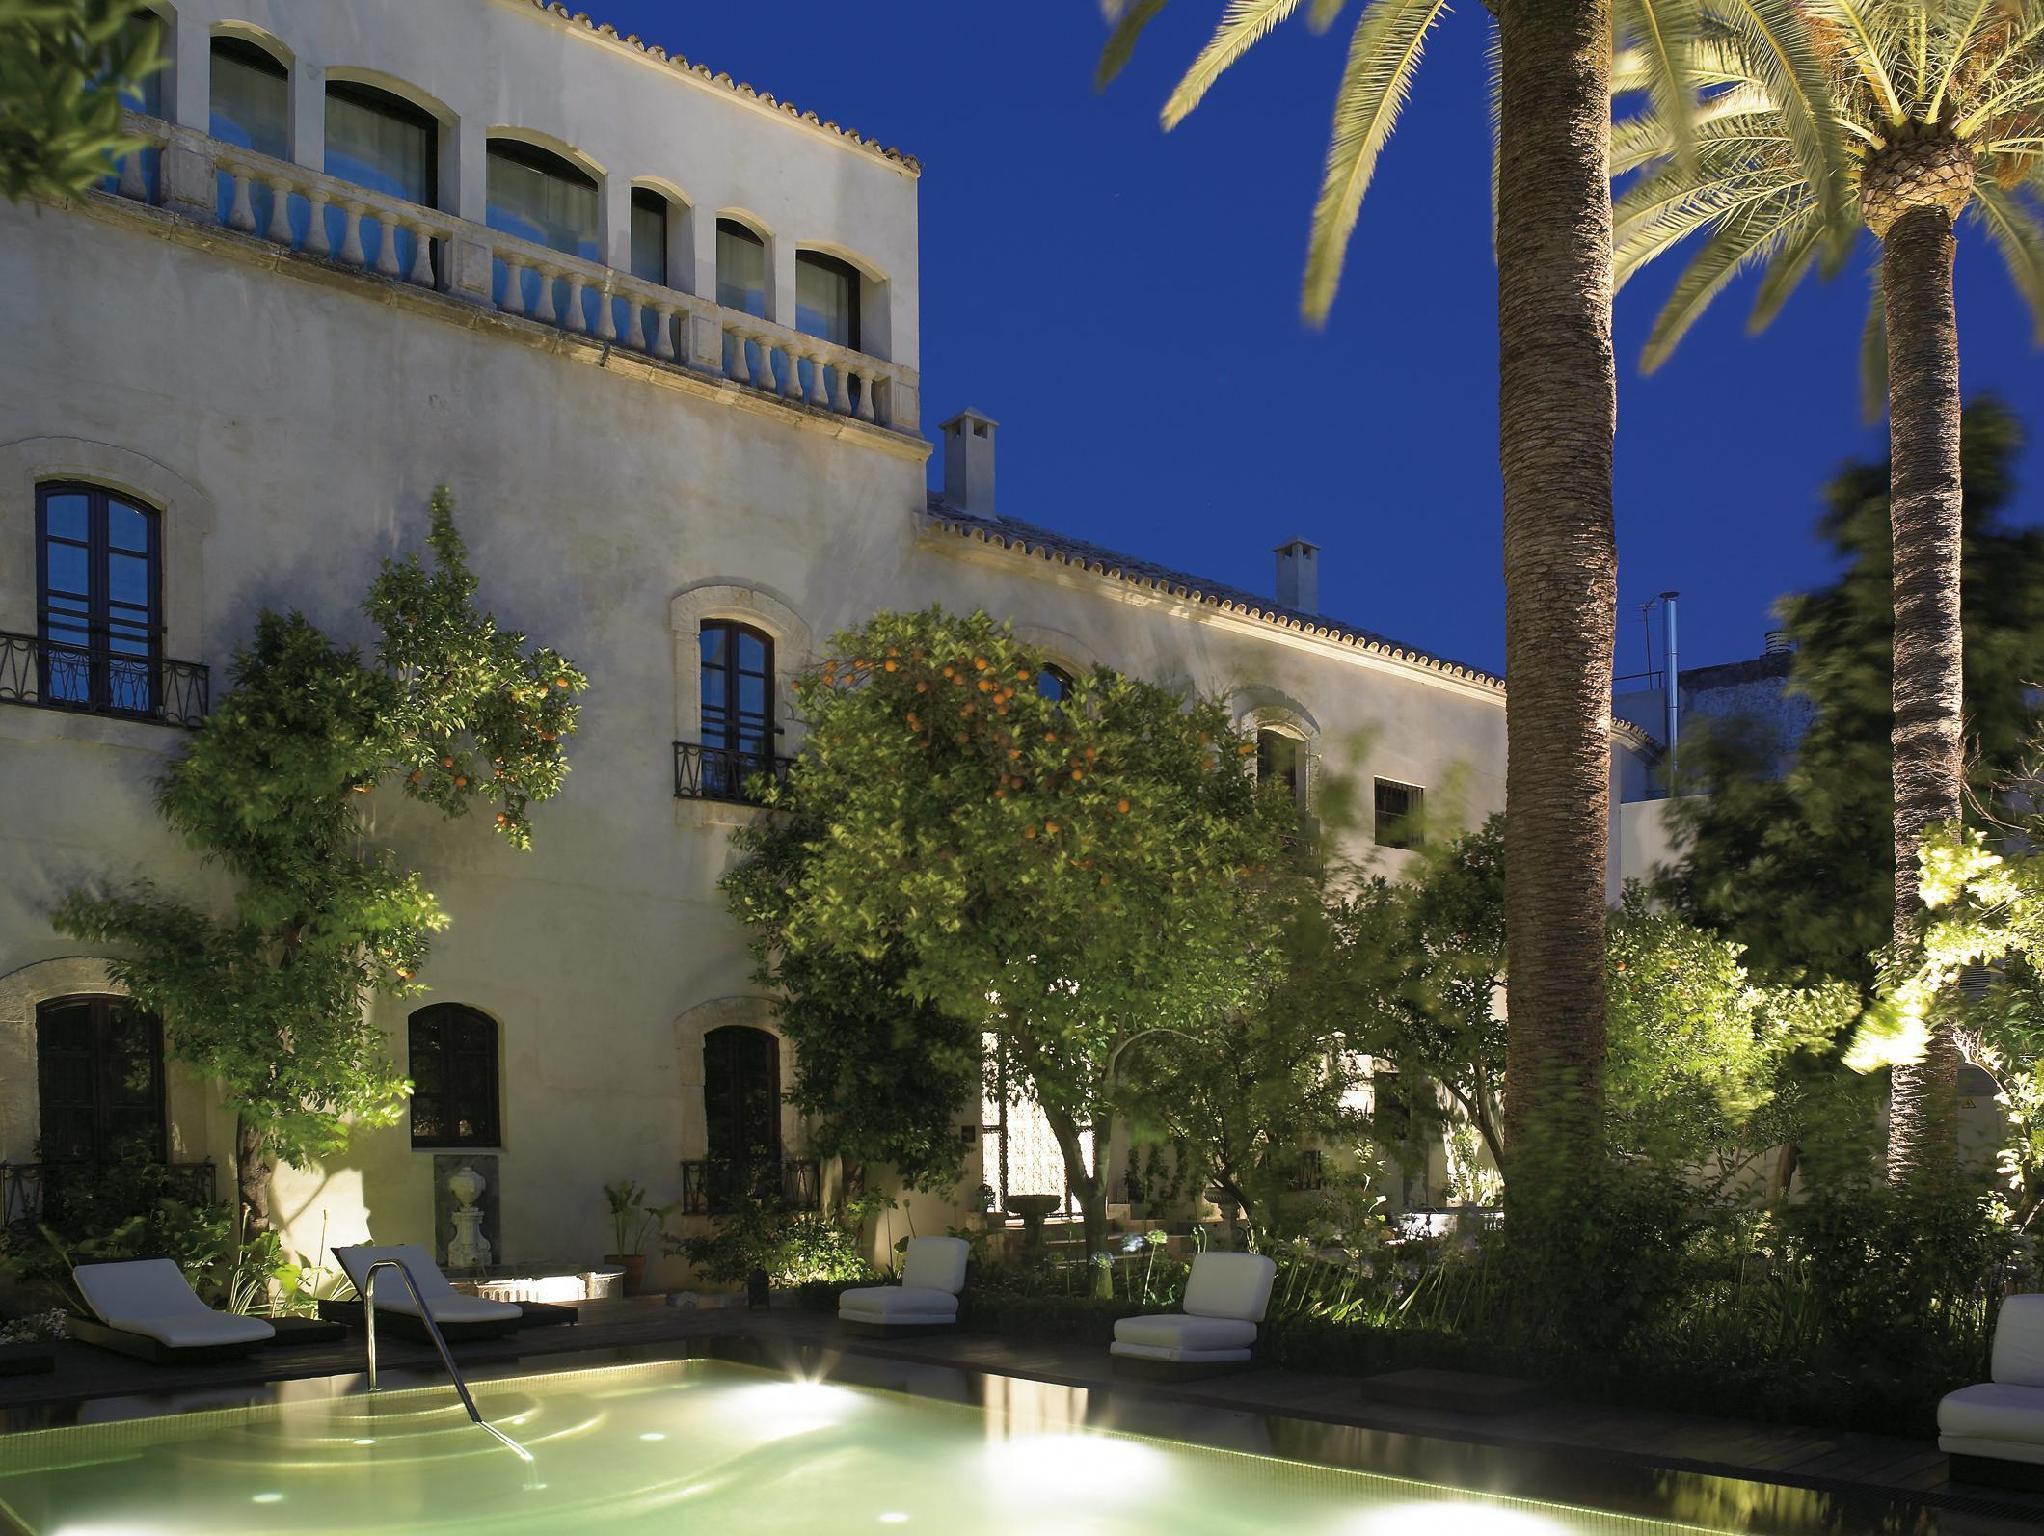 Hospes Palacio Del Bailio Hotel